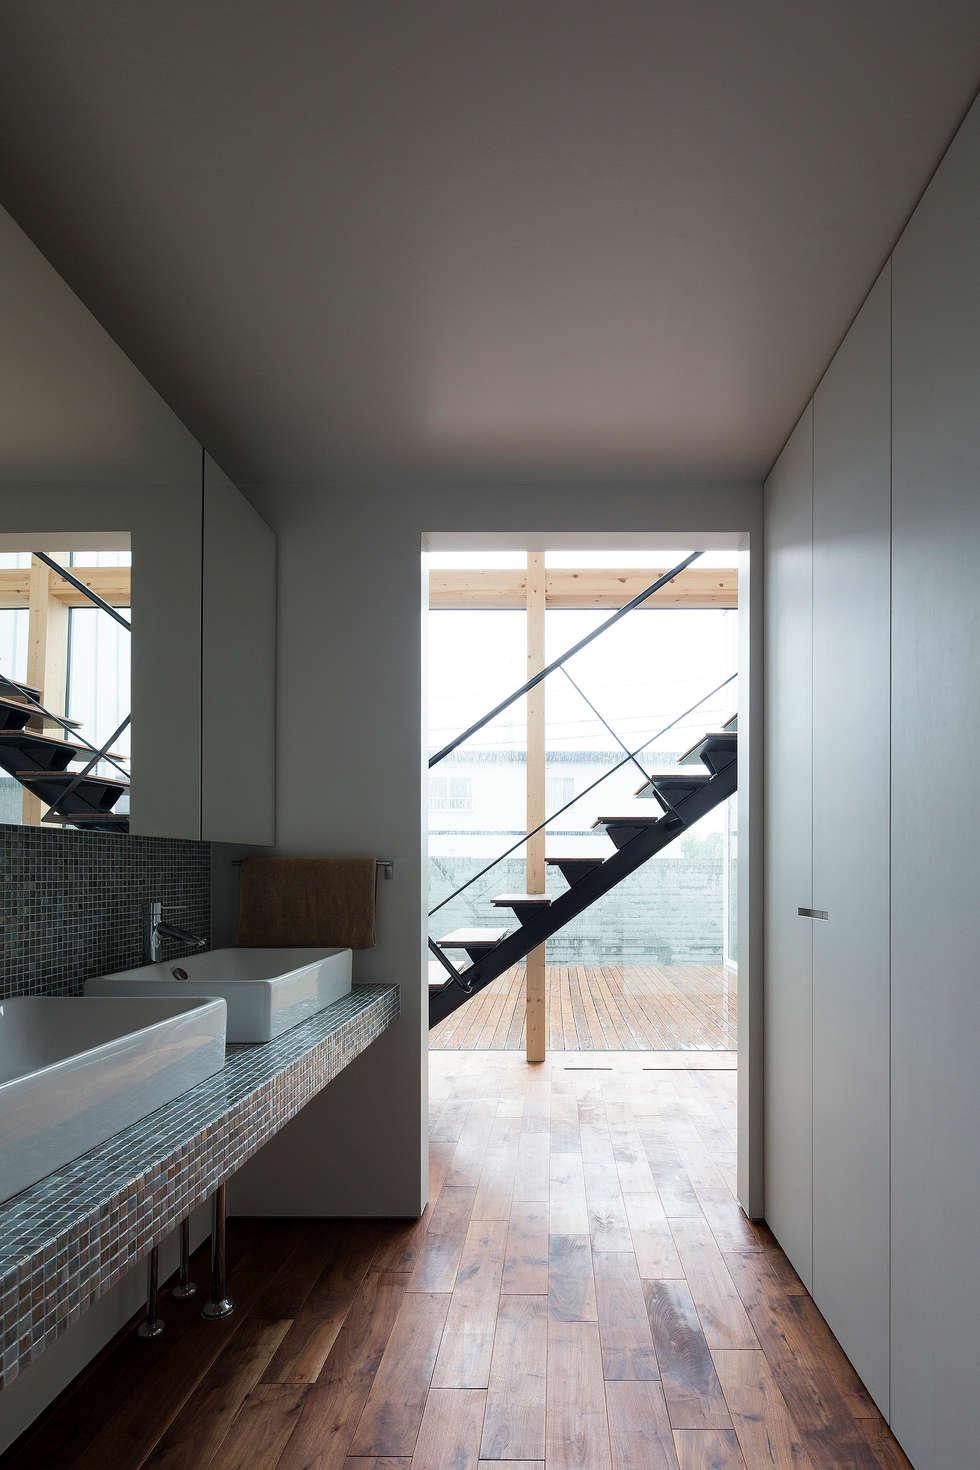 洗面スペース: 一級建築士事務所 Atelier Casaが手掛けた浴室です。